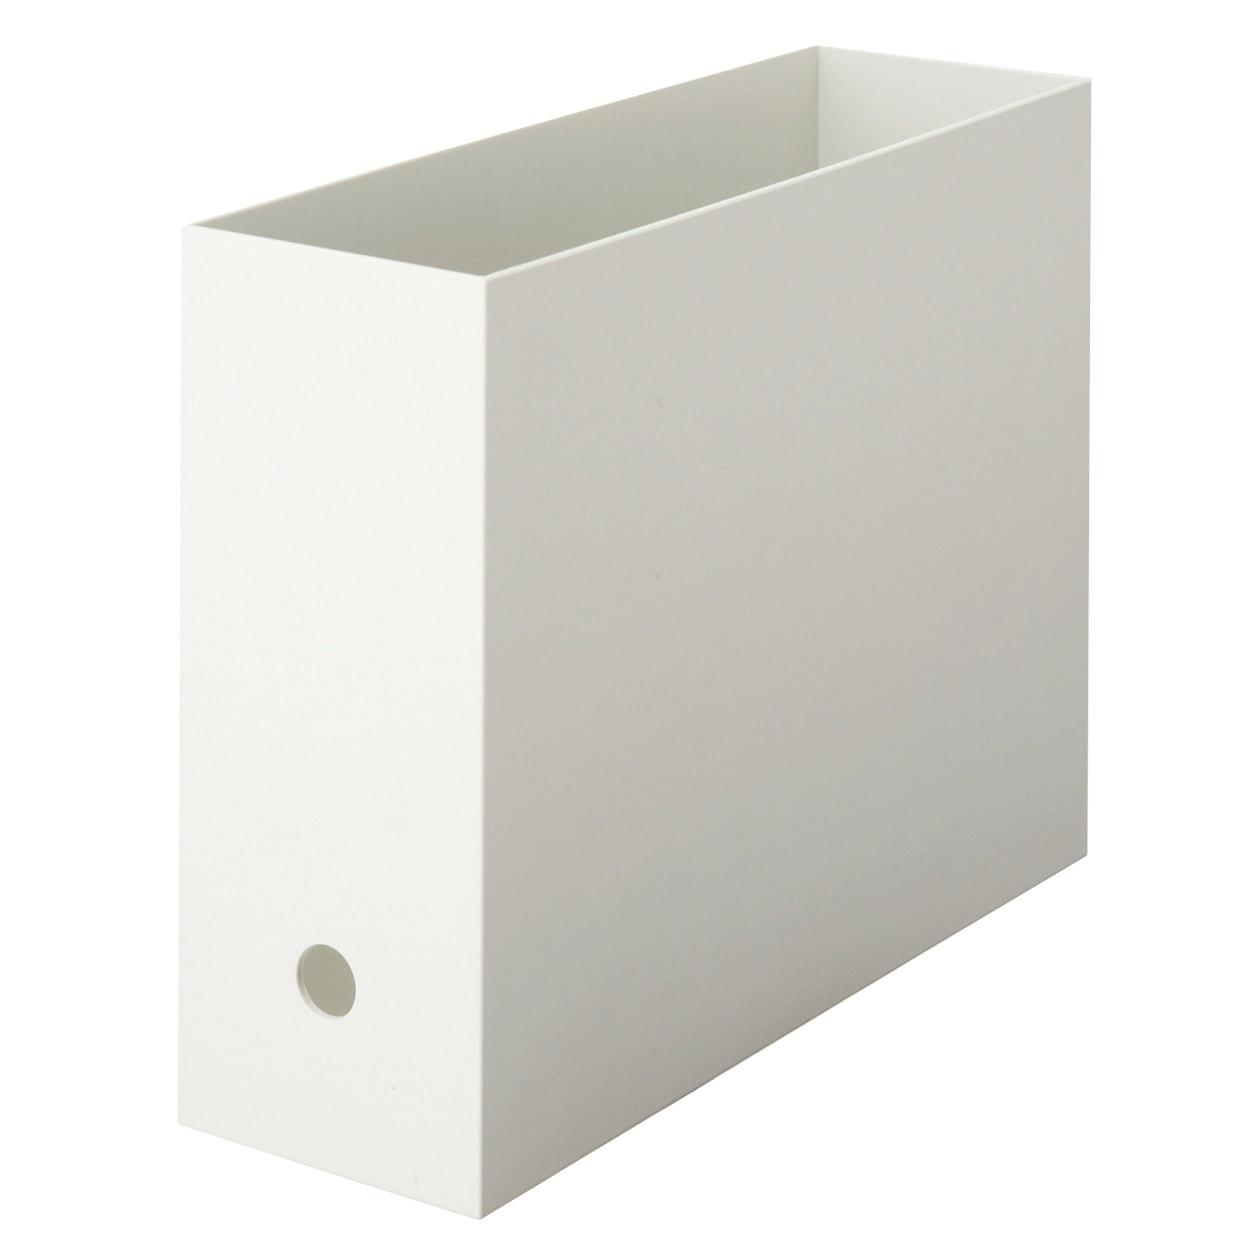 【まとめ買い】PPファイルボックス・スタンダードタイプ・A4用・ホワイトグレー